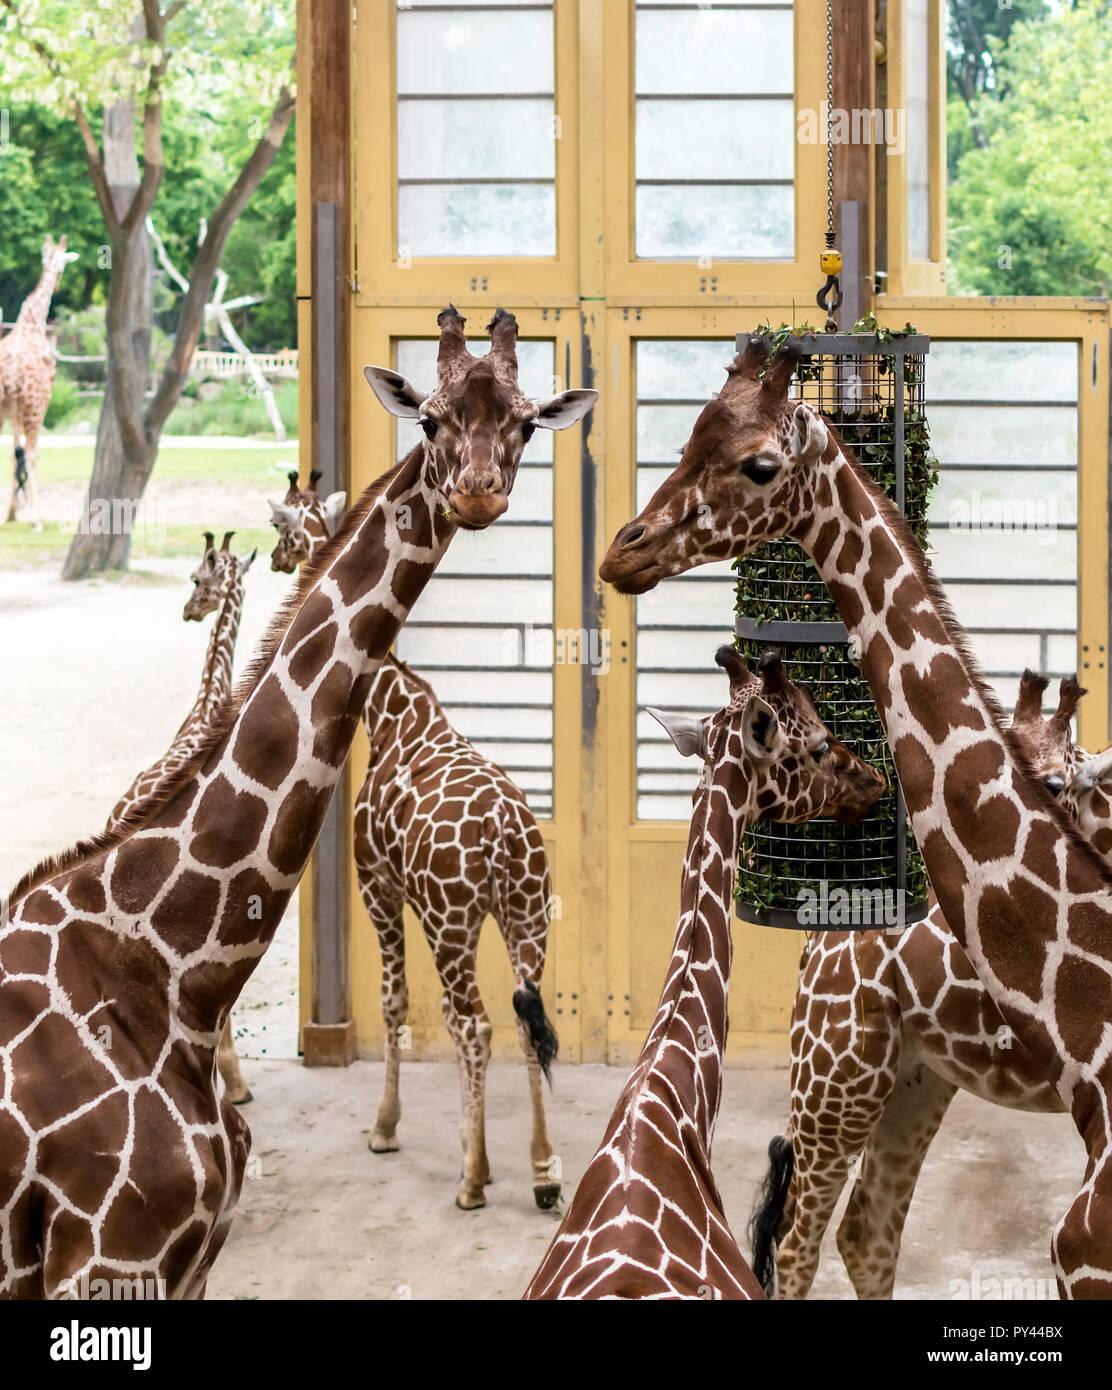 La girafe réticulée (Giraffa camelopardalis reticulata), également connu sous le nom de girafes somaliens, après l'alimentation. Banque D'Images